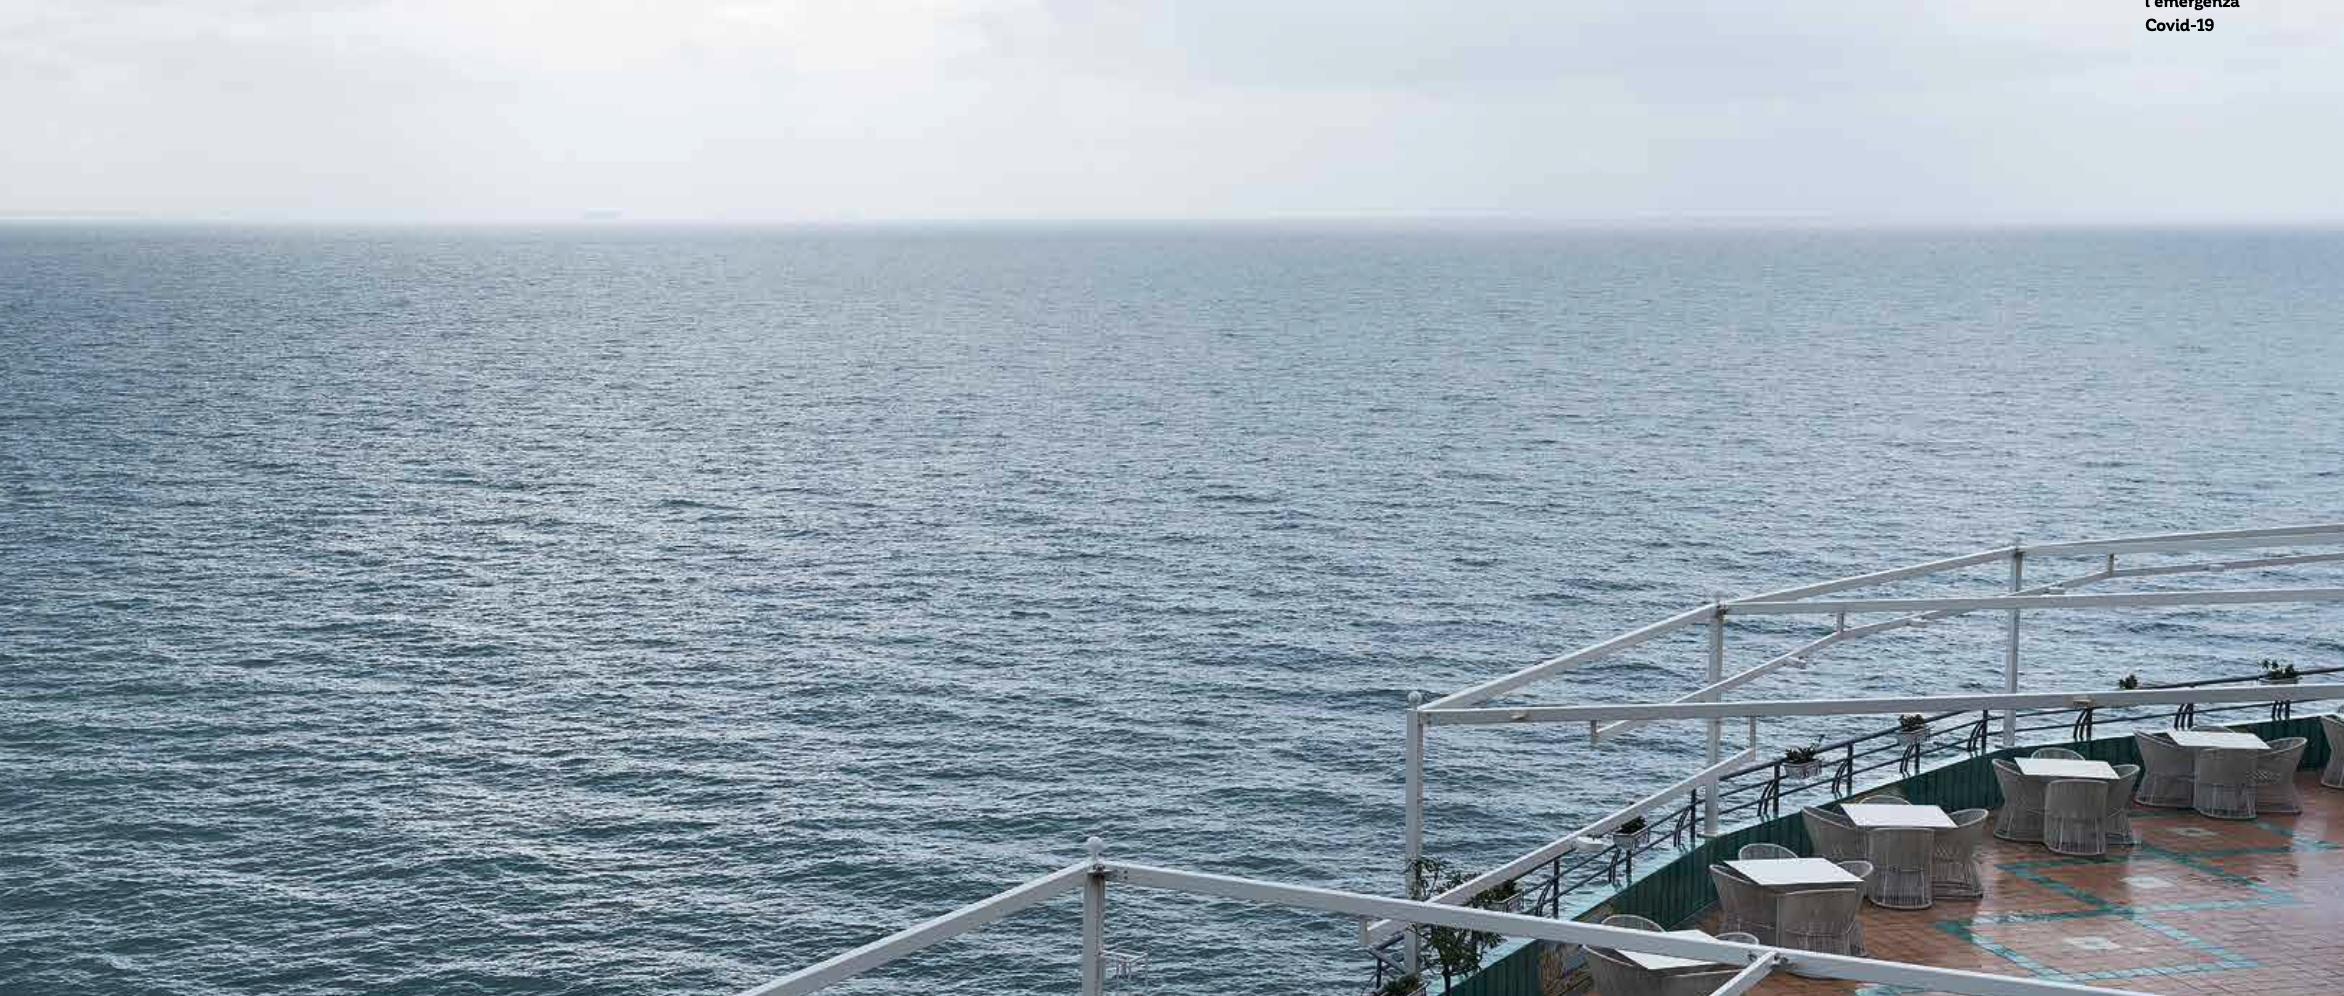 Lungo la Costiera Amalfitana dove la paura è legata alle incognite economiche